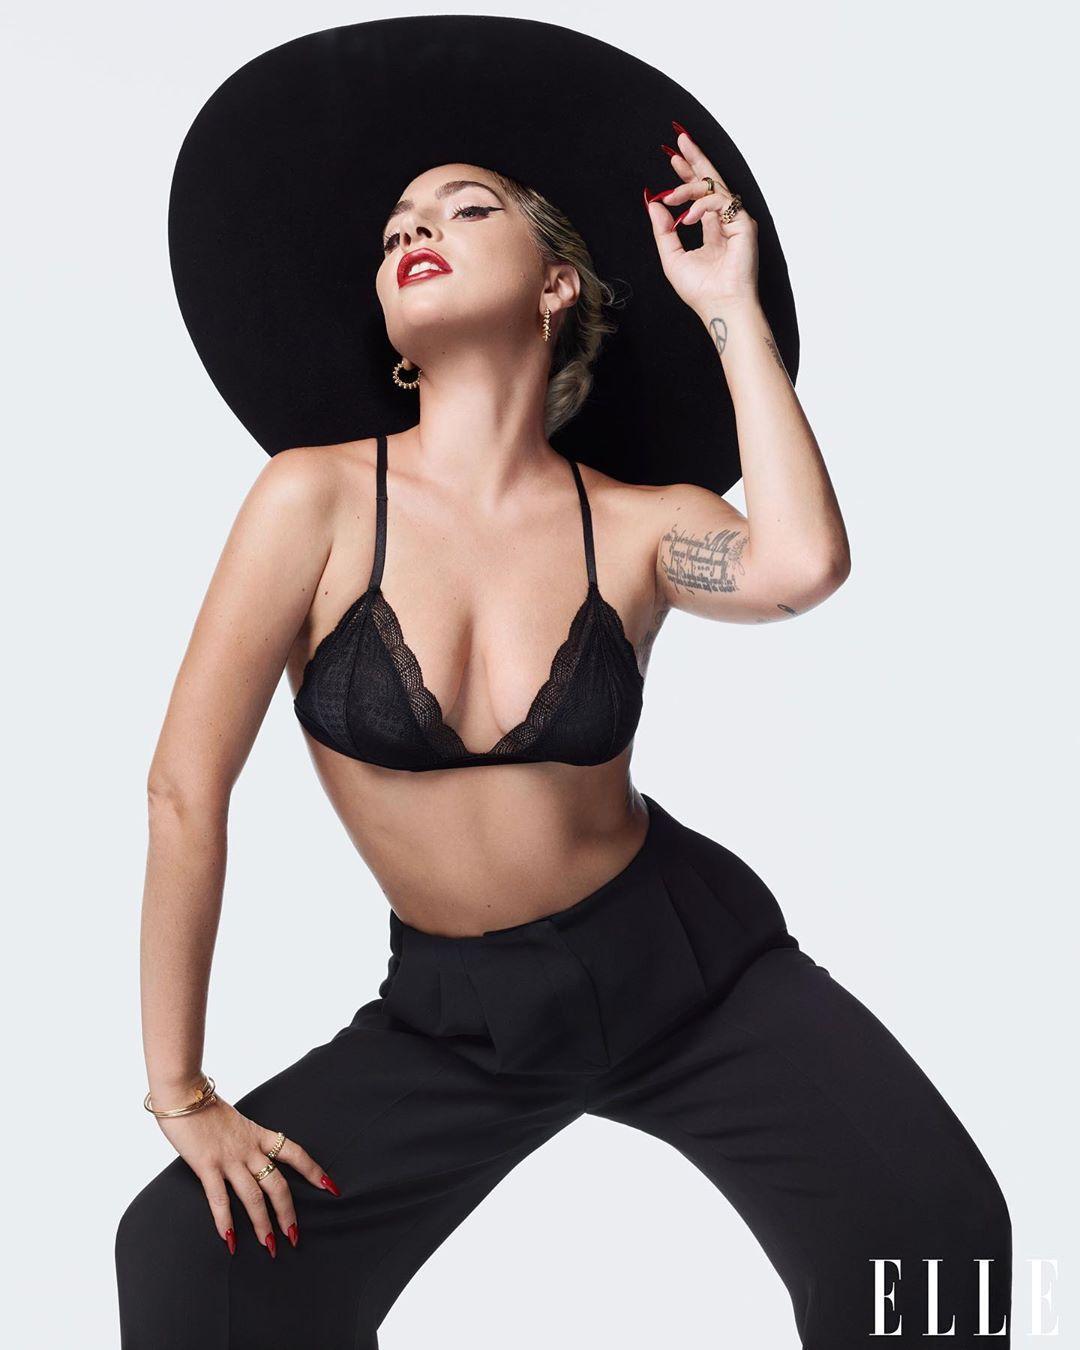 Певица позировала в бюстгальтере / instagram.com/elleusa